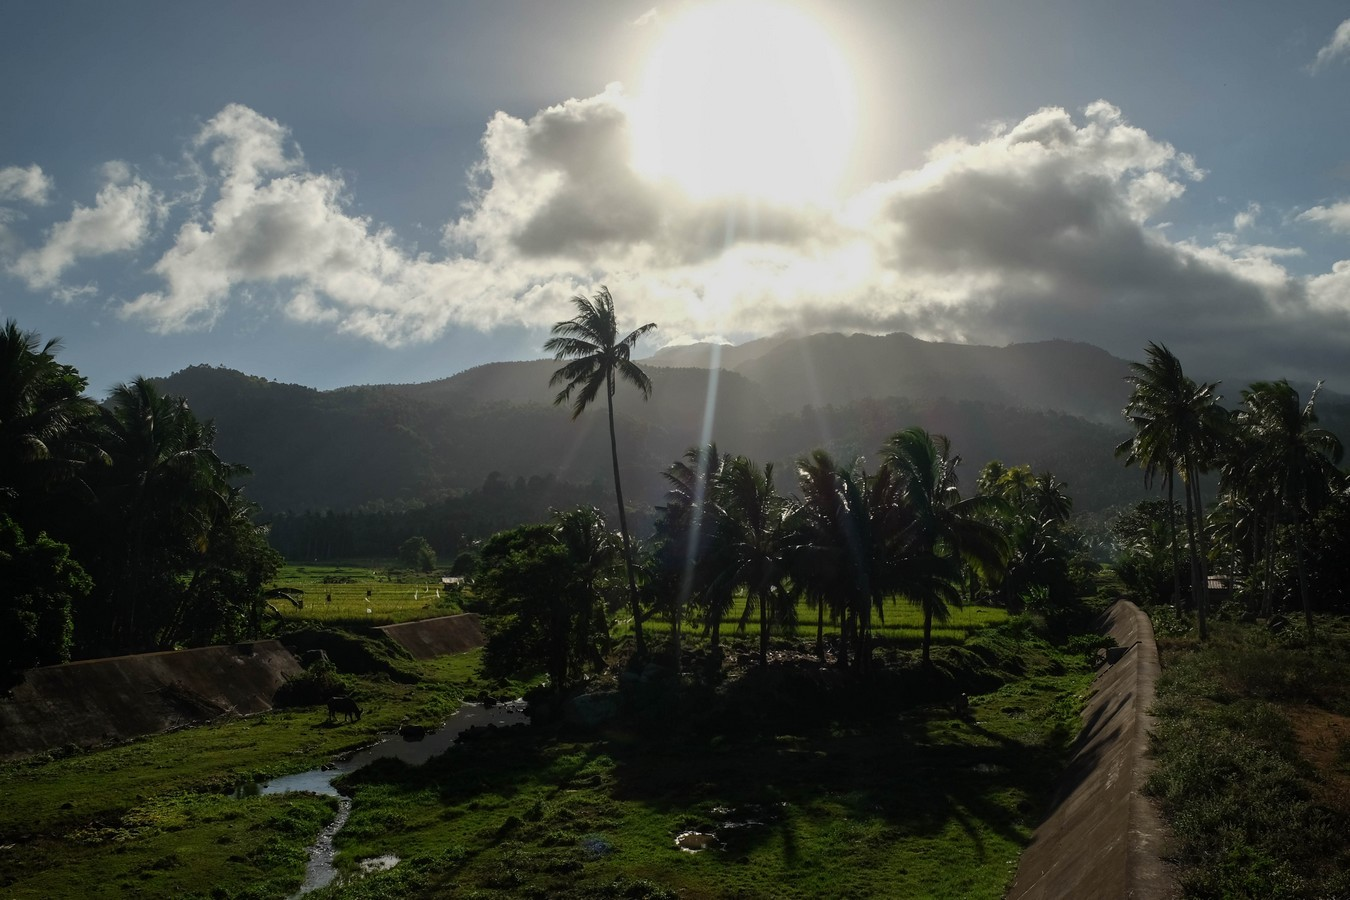 Vue des rizières de Camiguin aux Philippines avant le coucher de soleil.